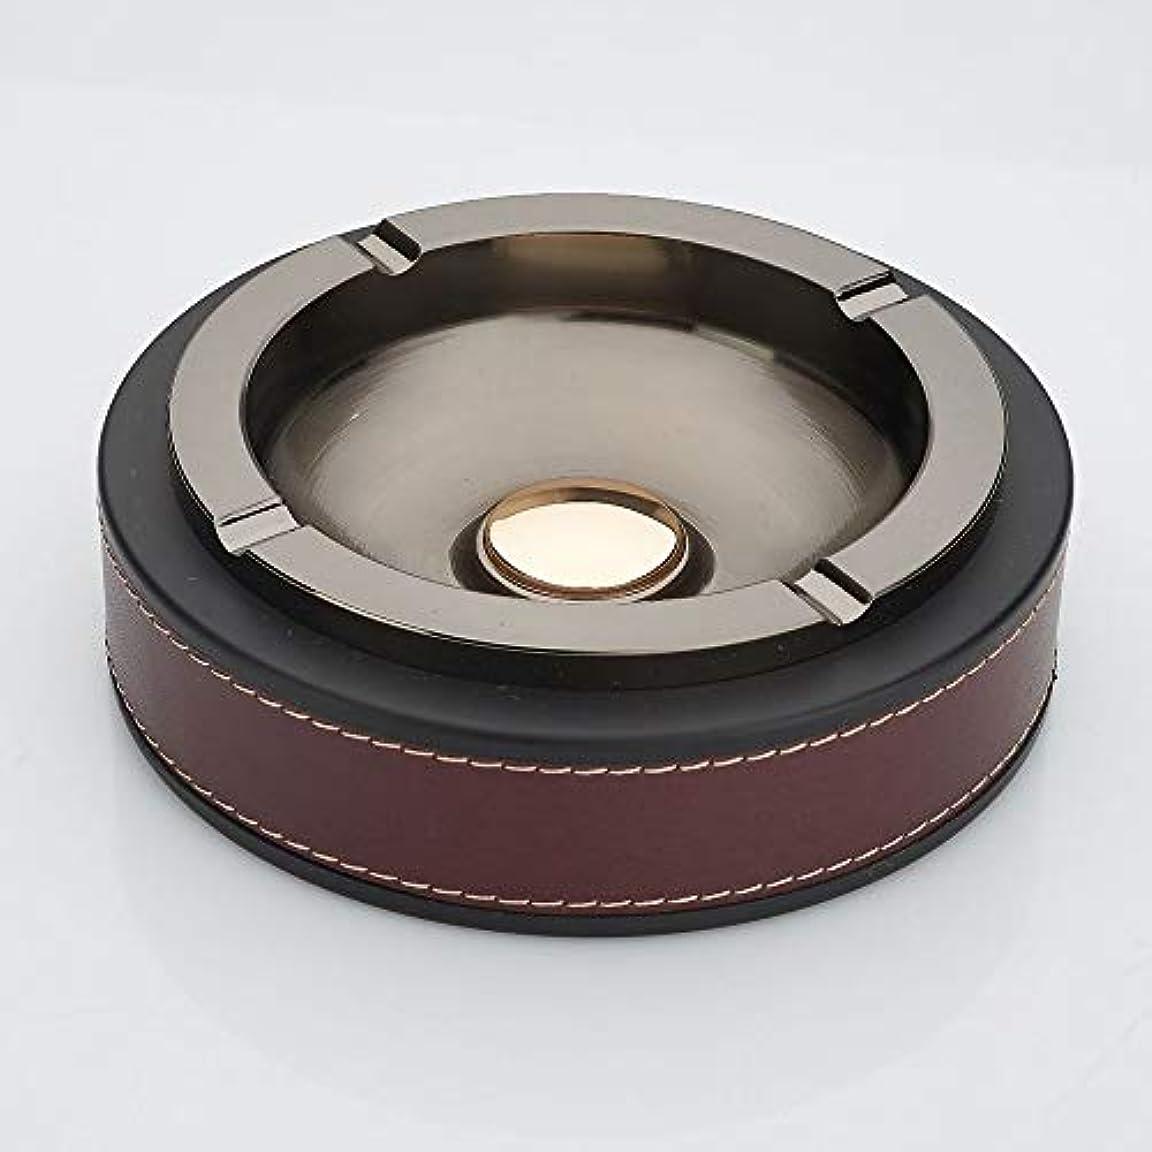 トレッドシェーバー札入れタバコの灰皿クリエイティブ灰皿ホームデコレーション (色 : 赤)